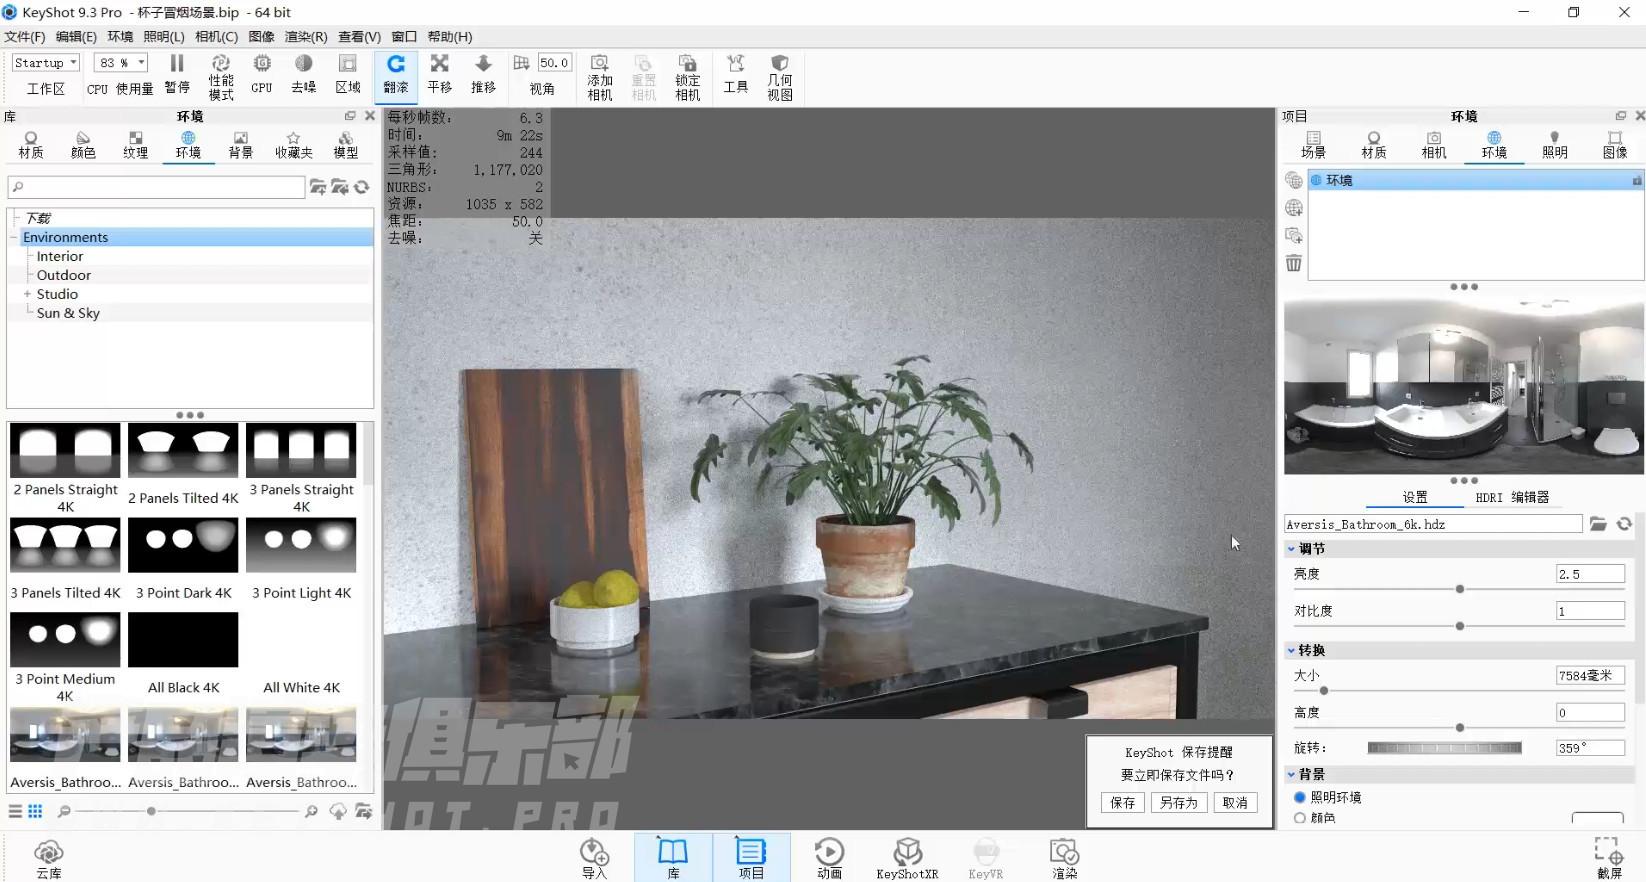 【教程】如何在keyshot中用烟雾图片渲染出真实烟雾的质感#简单室内场景渲染